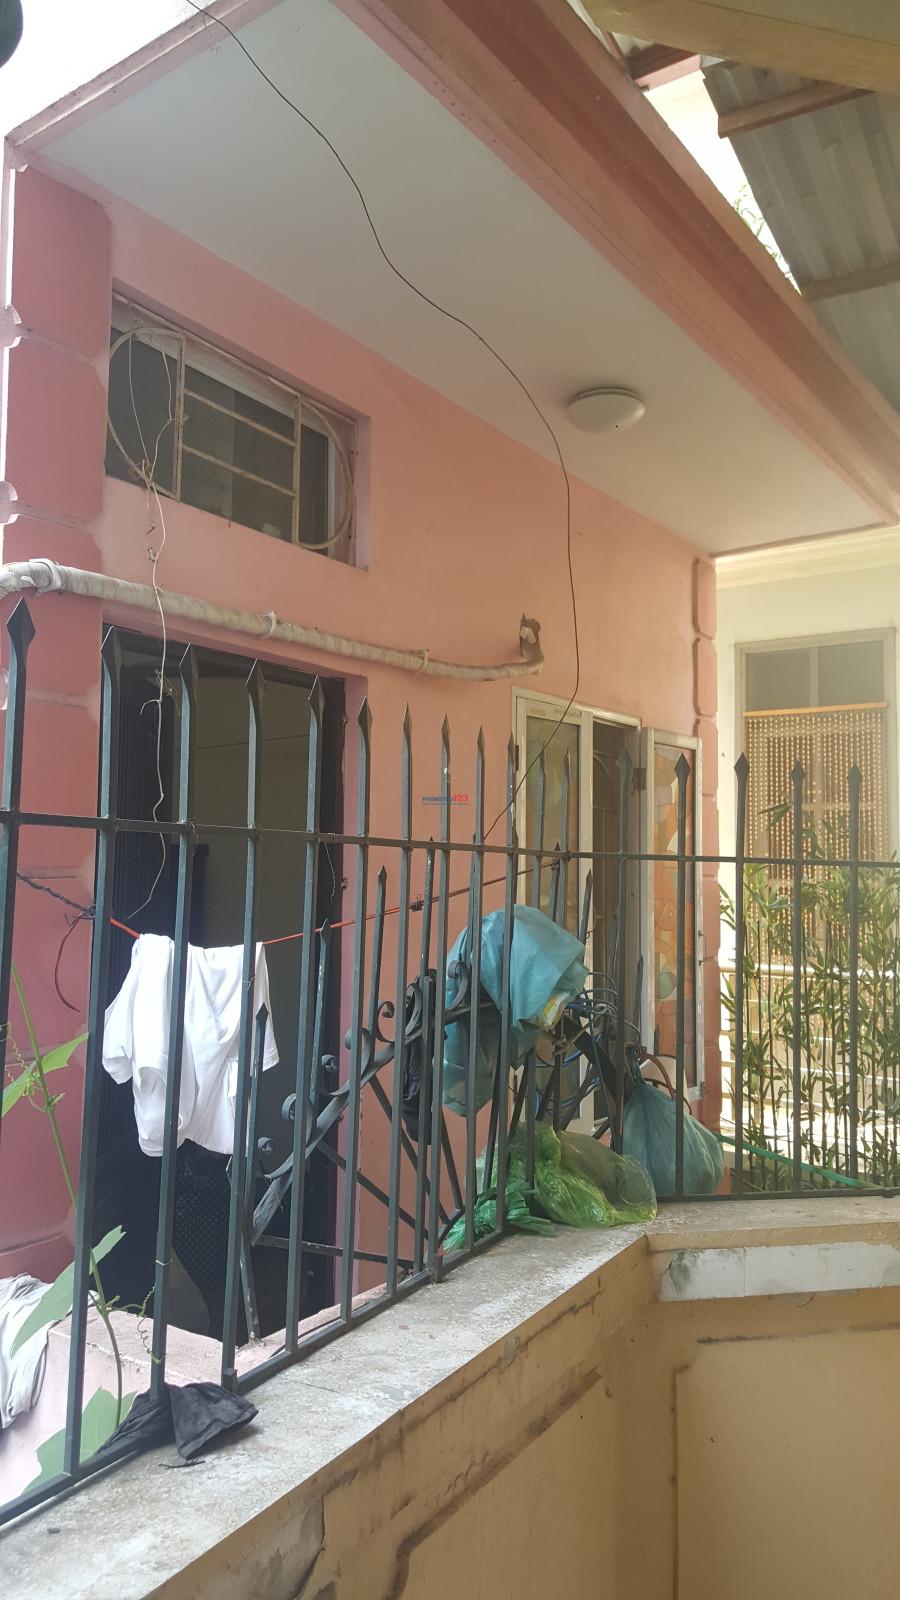 Cho thuê phòng trọ 16m2 quận Hai Bà Trưng, Hà Nội giá rẻ